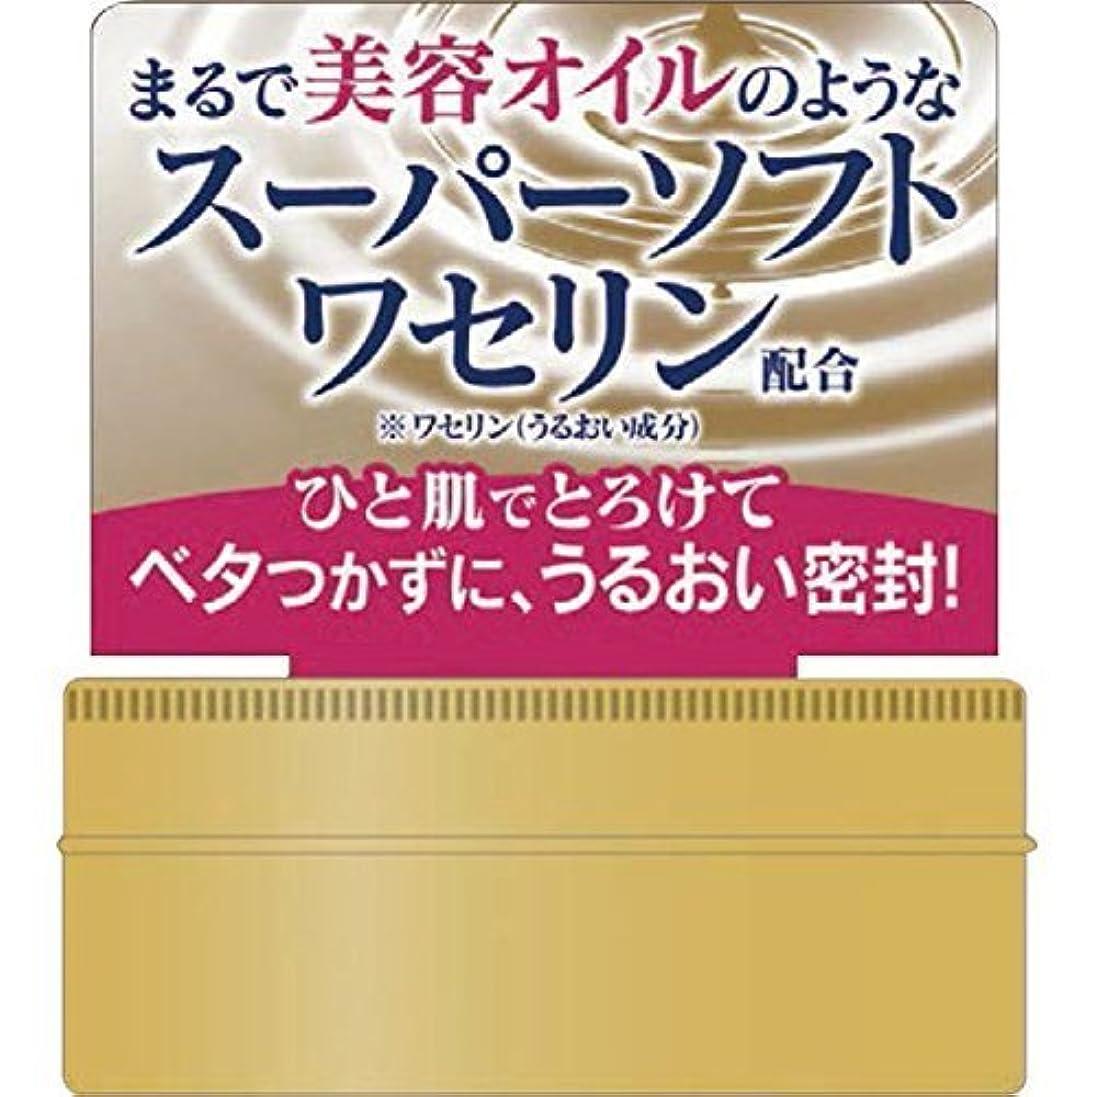 ストライプインセンティブ教育者肌研(ハダラボ) 極潤プレミアム ヒアルロンオイルジェリー × 24個セット